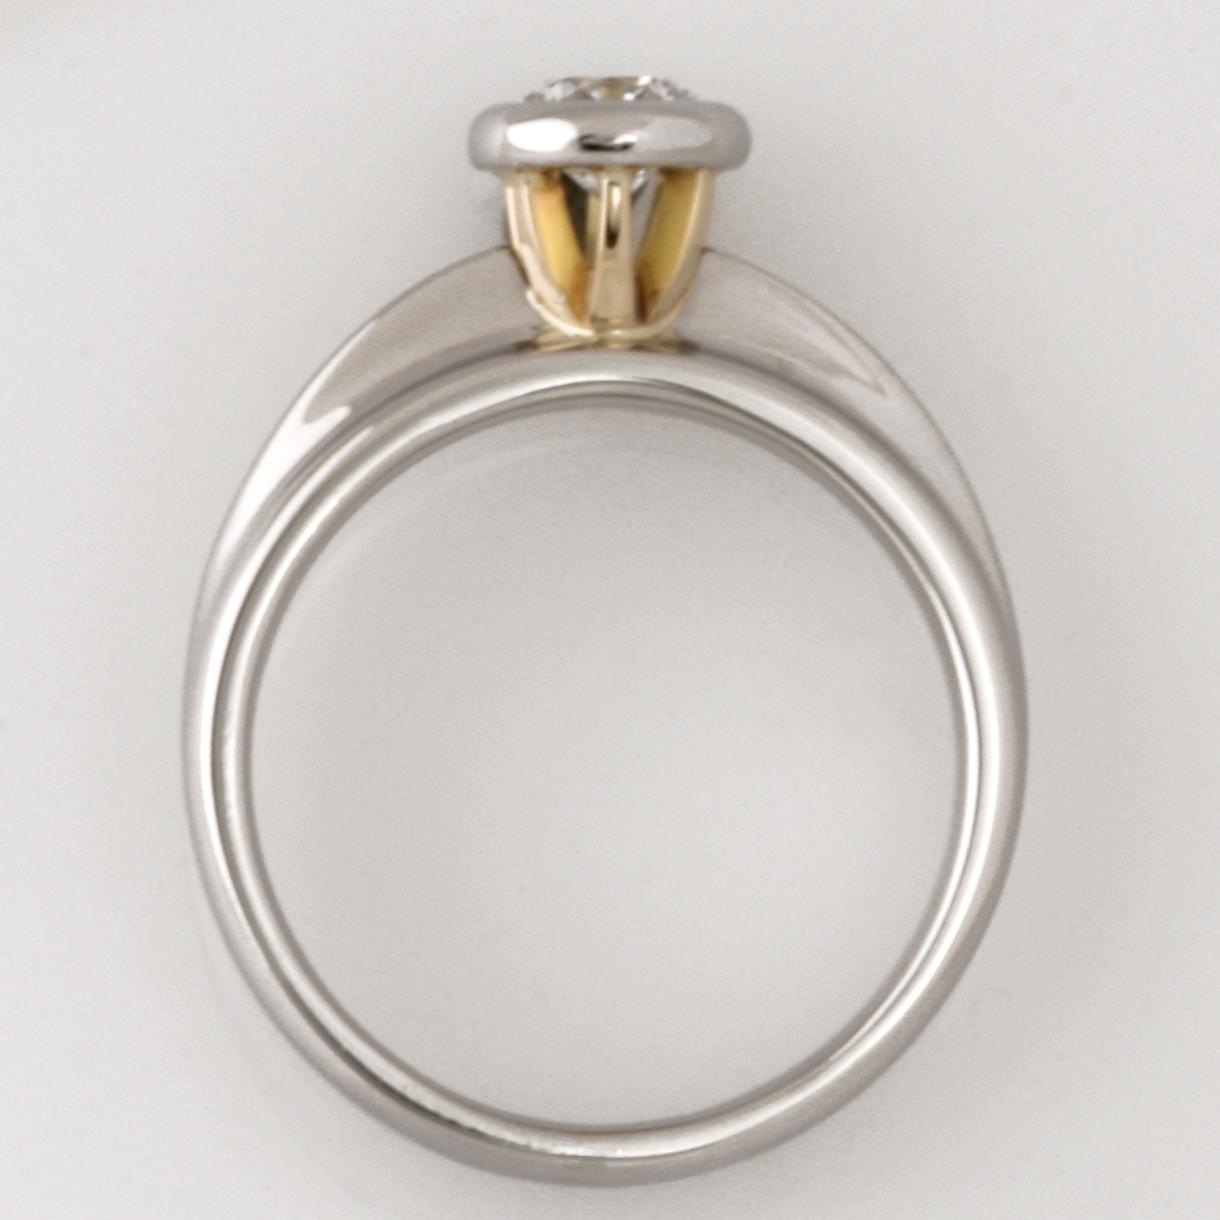 Handmade ladies palladium and 18ct yellow gold 'Asteios' diamond engagement ring